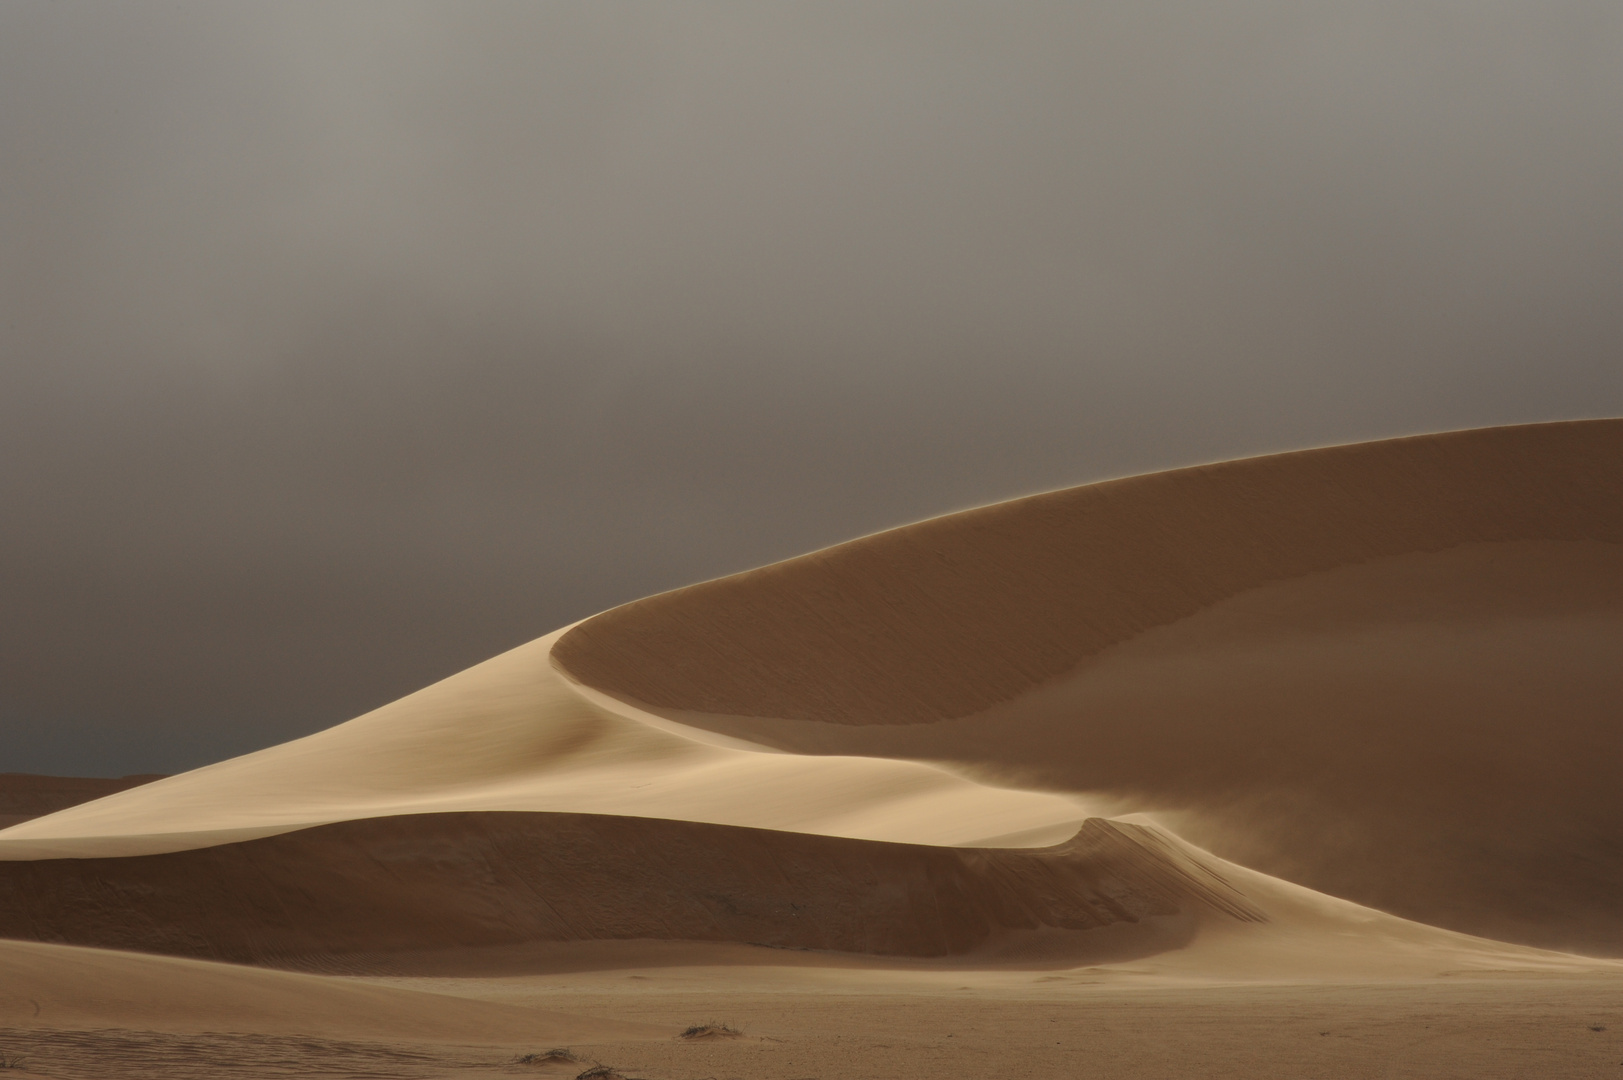 Letzte Sonnenstrahlen auf den Duenen -Last rays on the Dunes